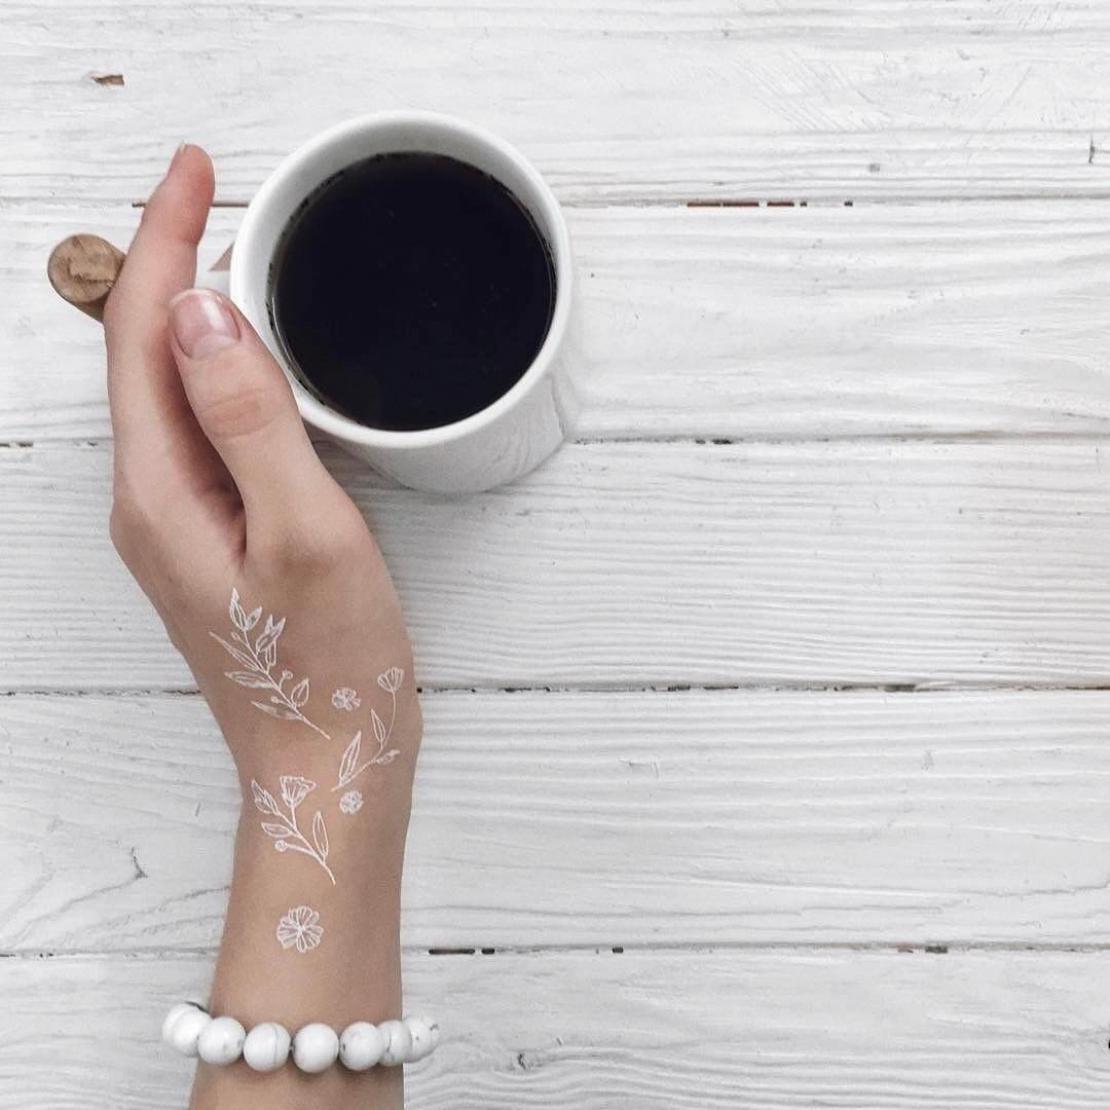 Временная тату набор белых цветов на руке